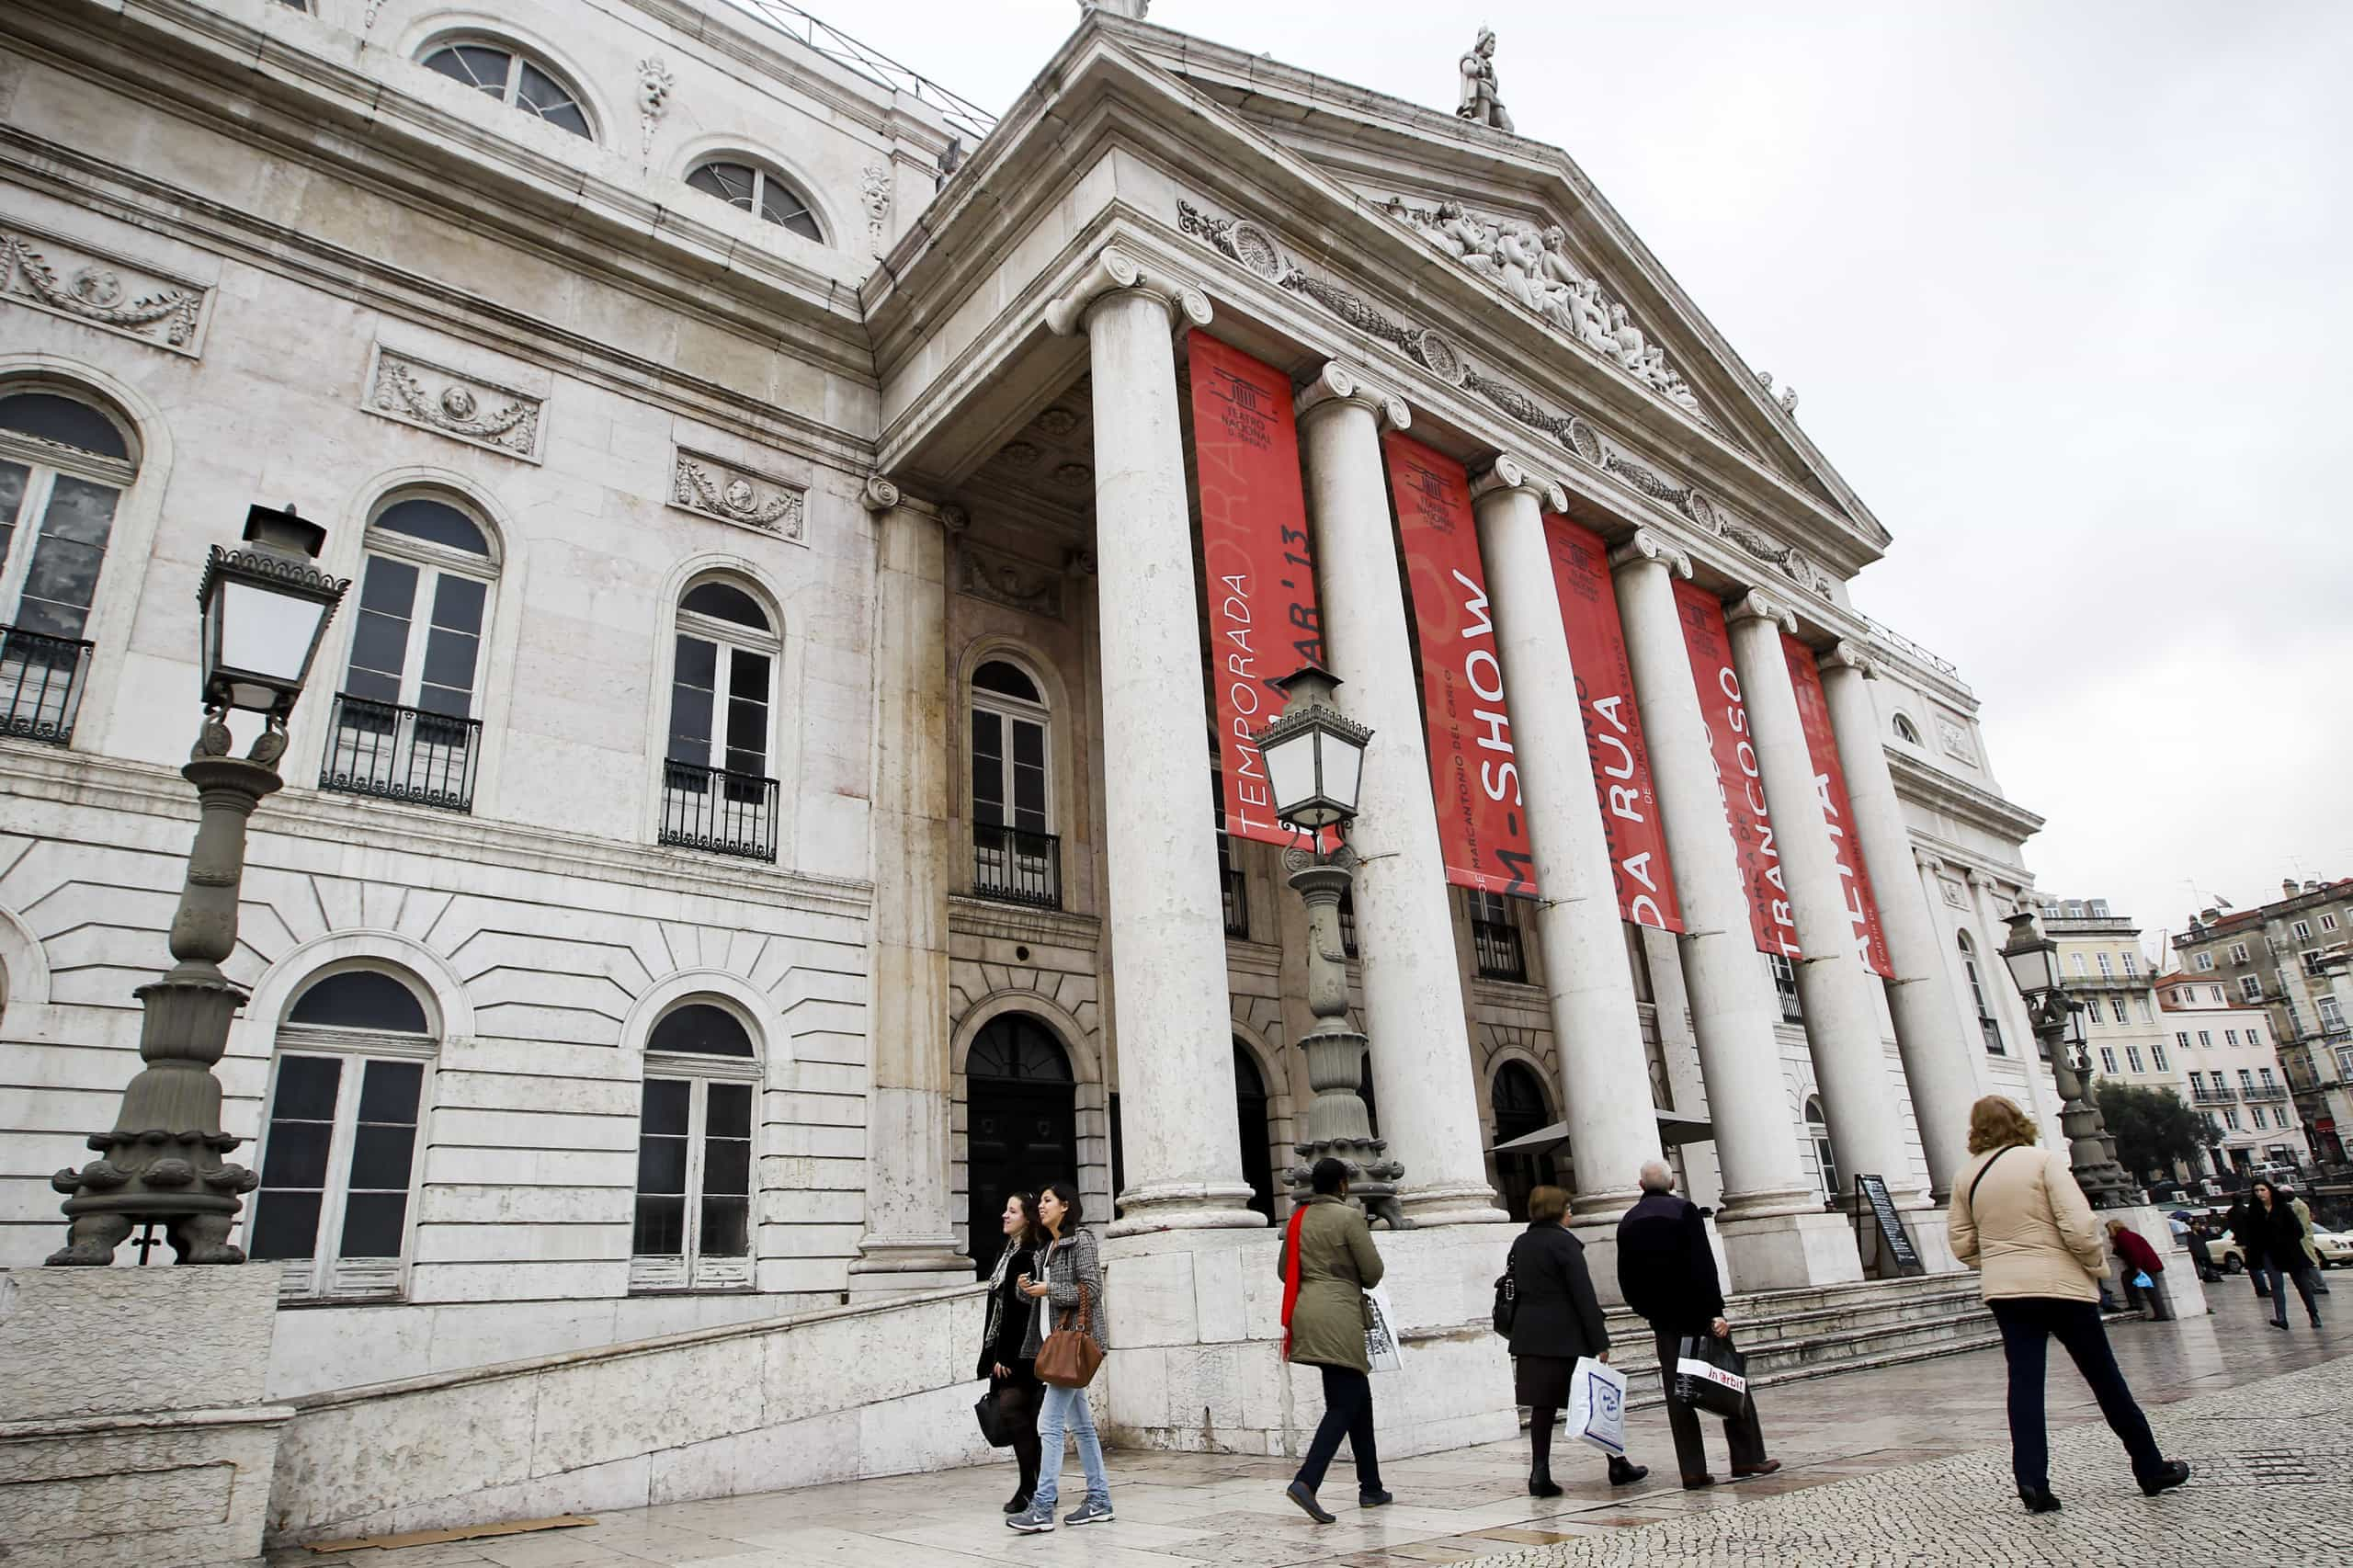 Projeto 'Primeira vez' já levou mais de 300 pessoas ao Teatro D. Maria II